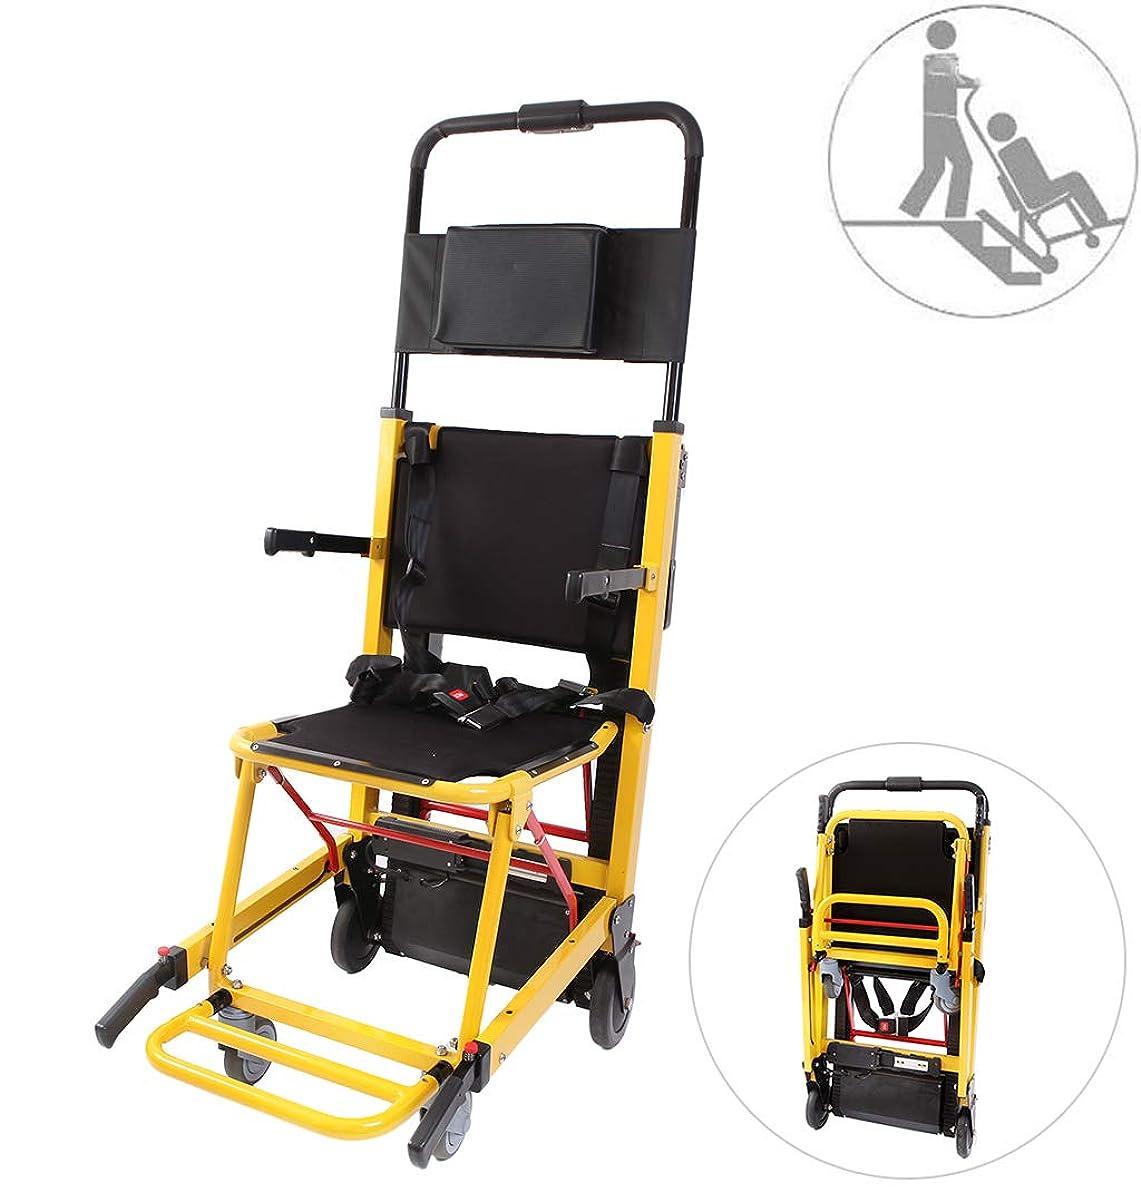 打ち負かすベーカリー脚バッテリー駆動のトラック階段昇降チェアヘビーデューティーエマージェンシー軽量折りたたみ避難階段椅子、積載量365ポンド